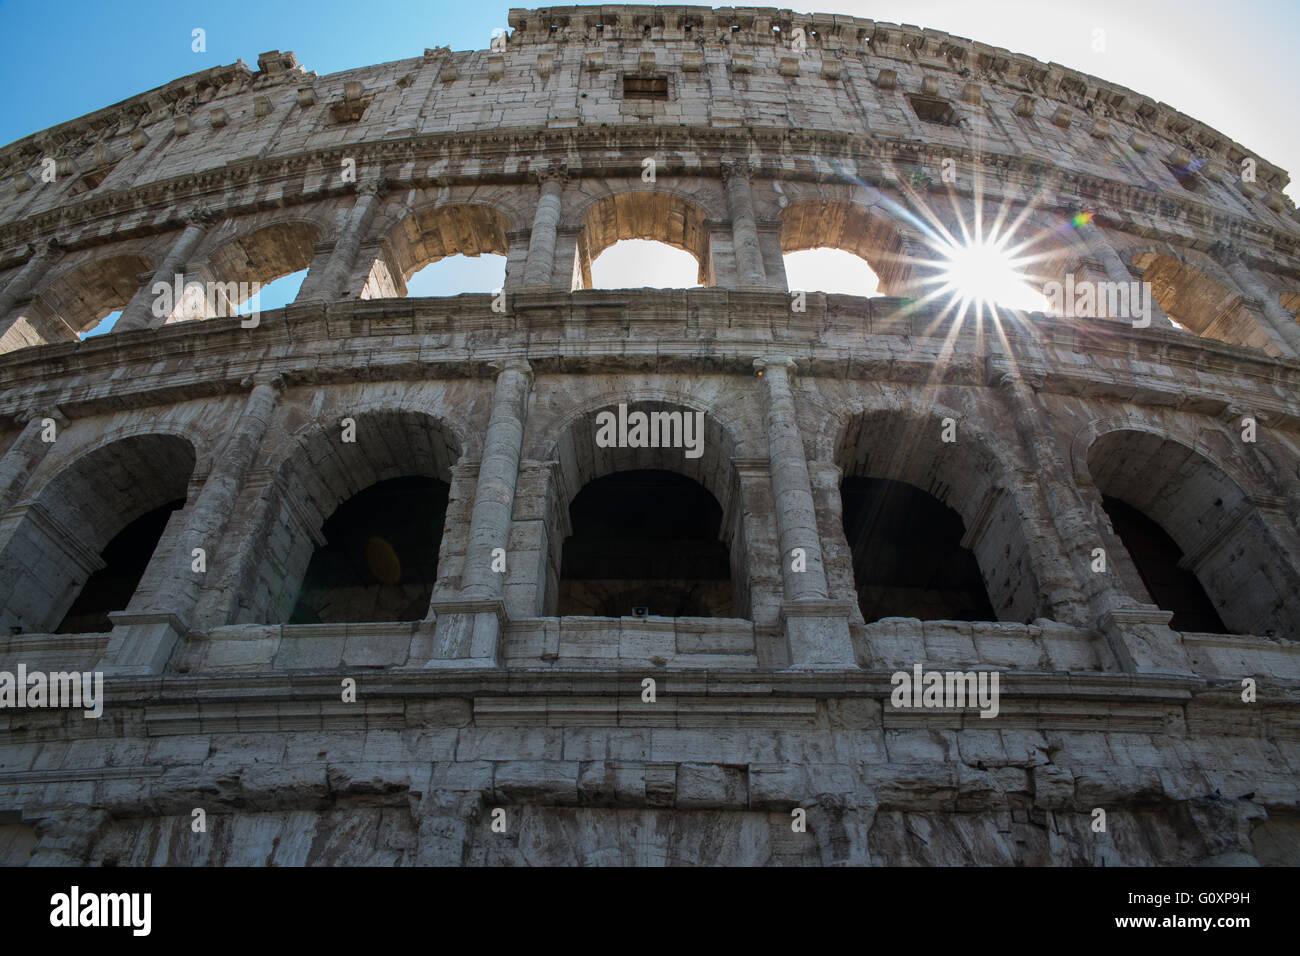 Das Kolosseum auch bekannt als das flavische Amphitheater ist ein ovales Amphitheater im Zentrum von Rom, Italien Stockbild